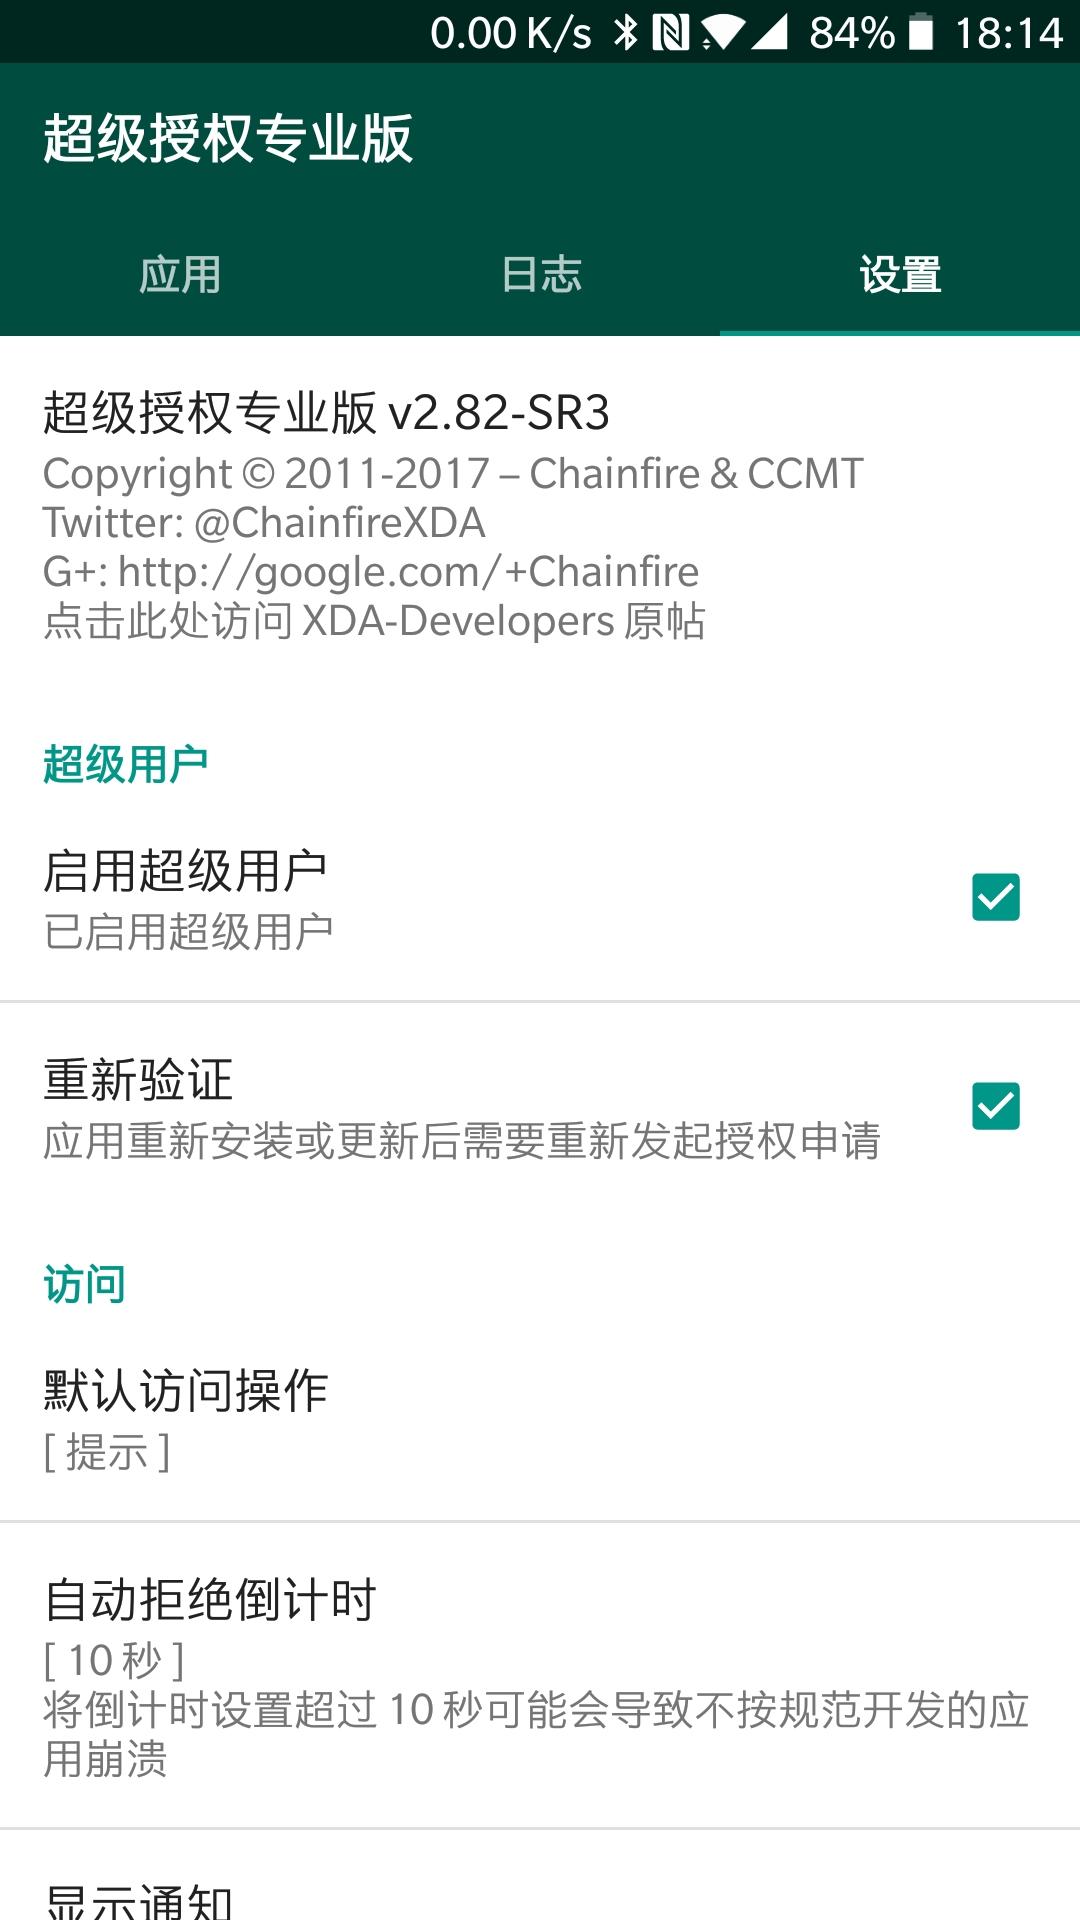 Screenshot_20170819-181433.jpg